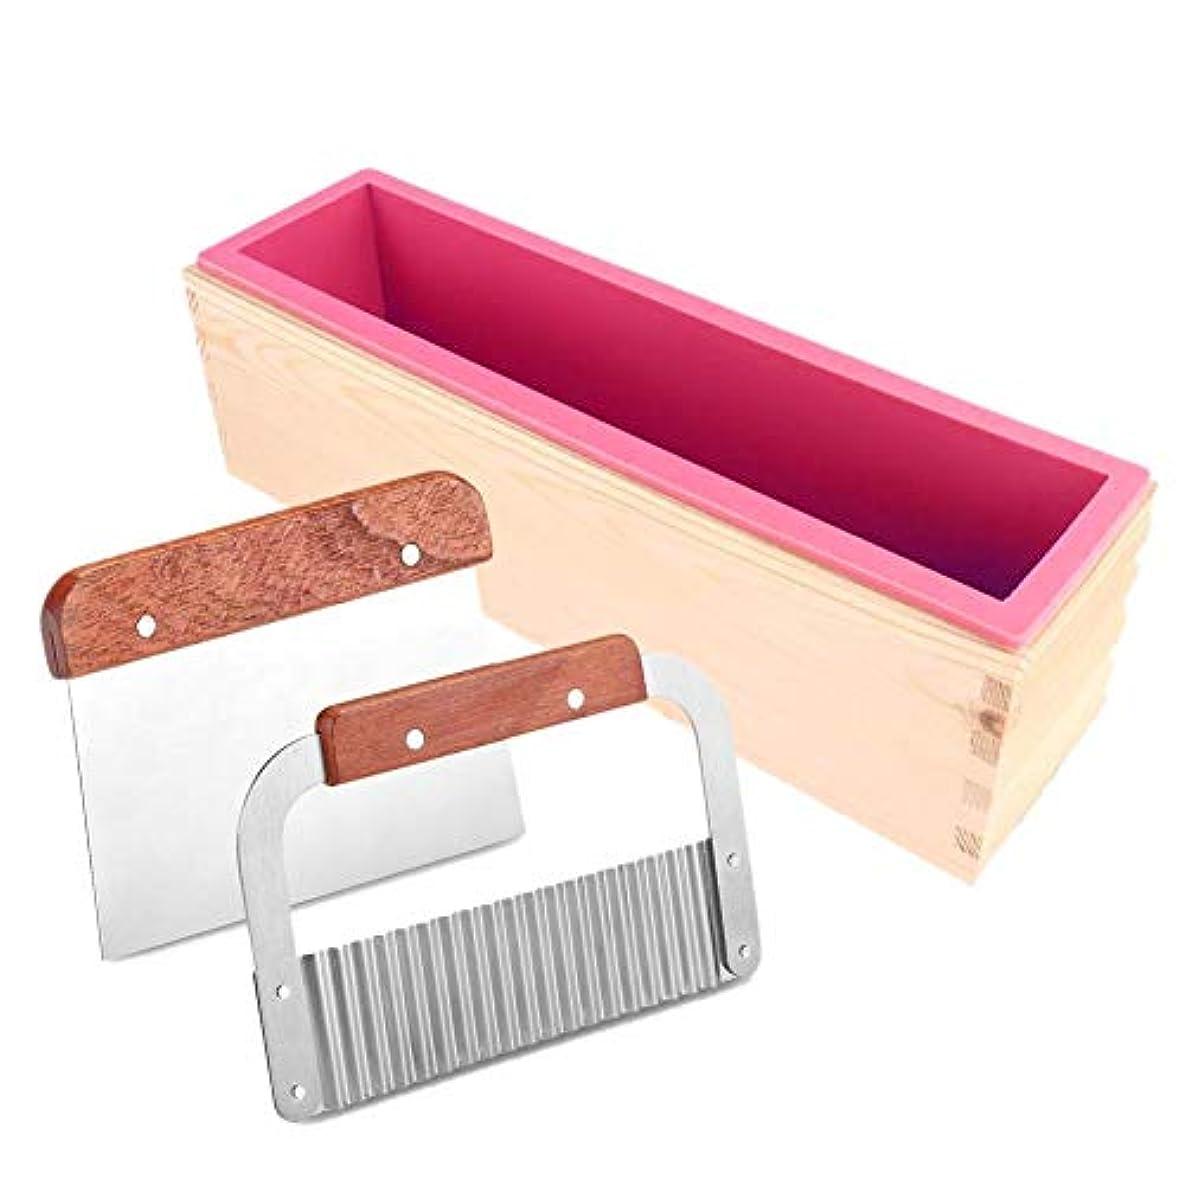 受け入れ噂支配するRagemのシリコーンの石鹸型 - 自家製の石鹸の作成のための2Pcsカッターの皮むき器が付いている長方形の木箱の石鹸の作成型